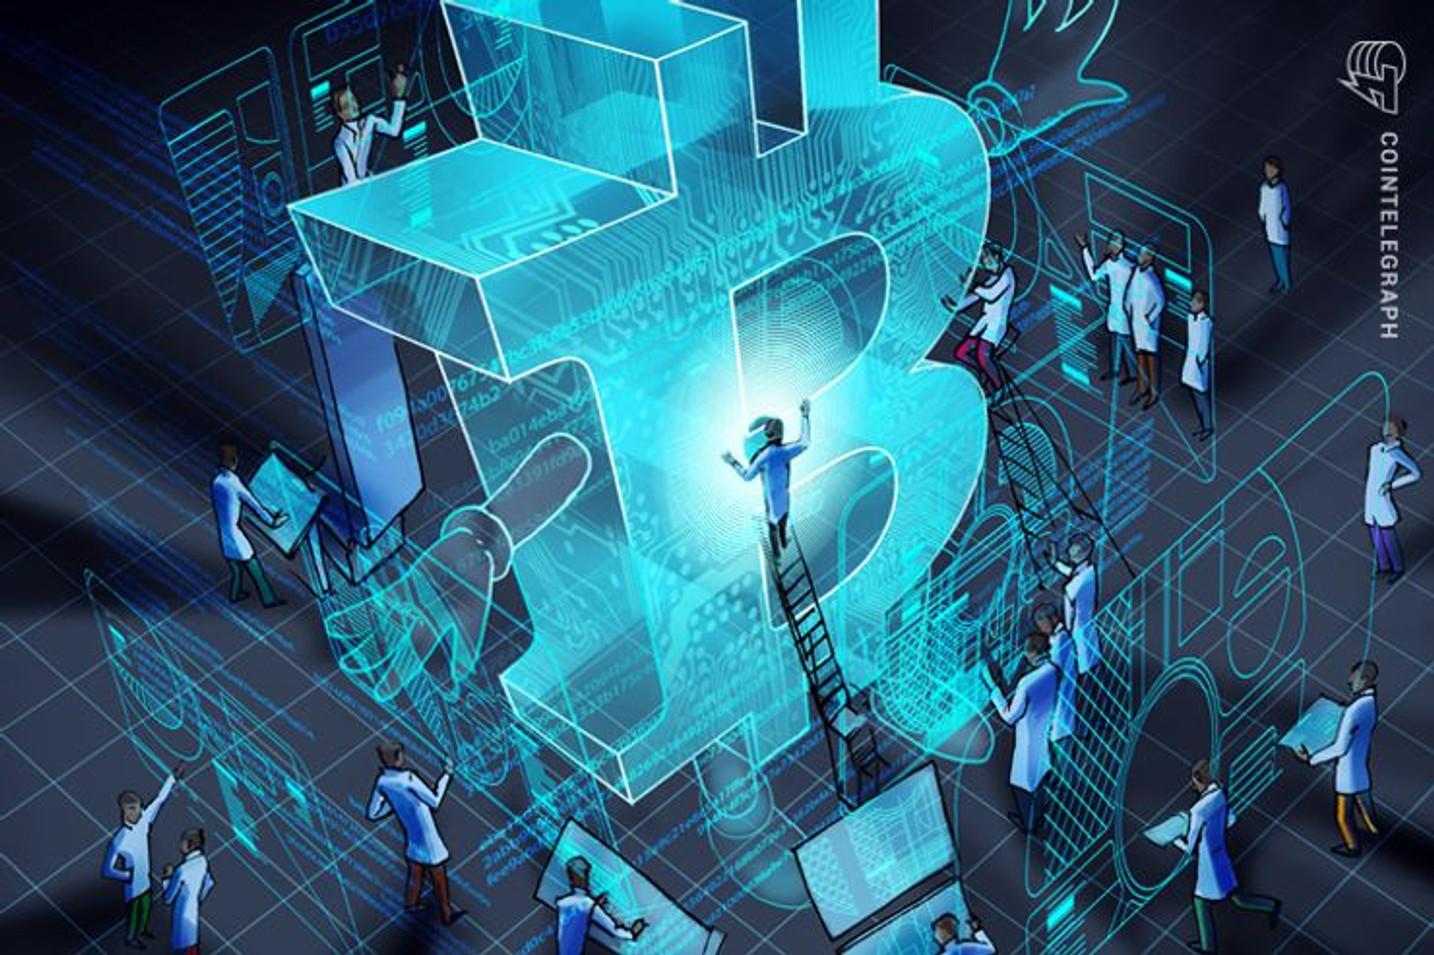 Banco Interamericano de Desenvolvimento prepara blockchain para operações na América Latina